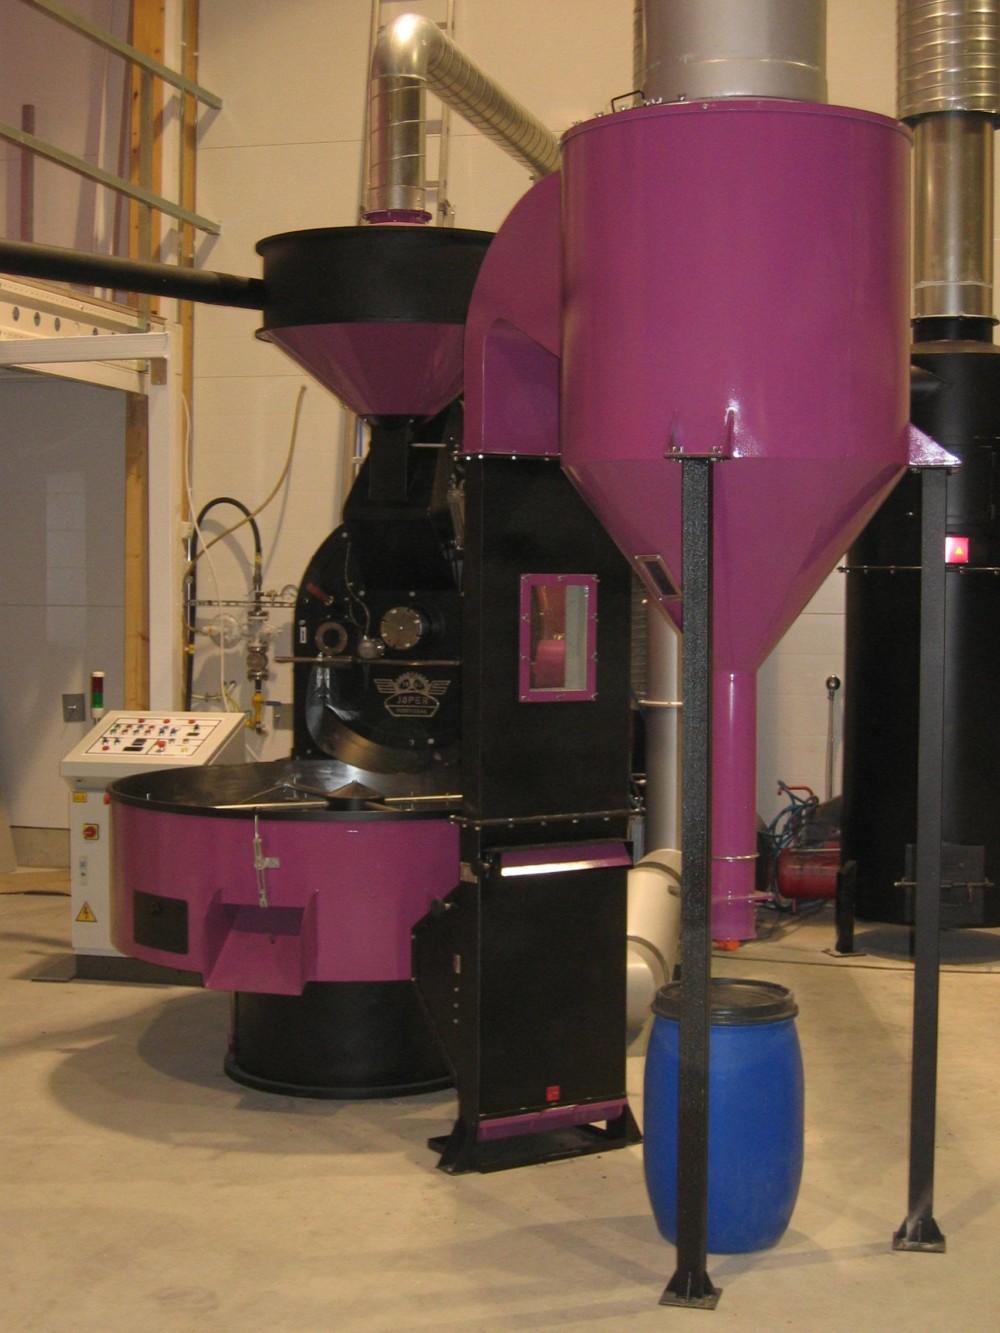 Mokkamestarit coffee roaster